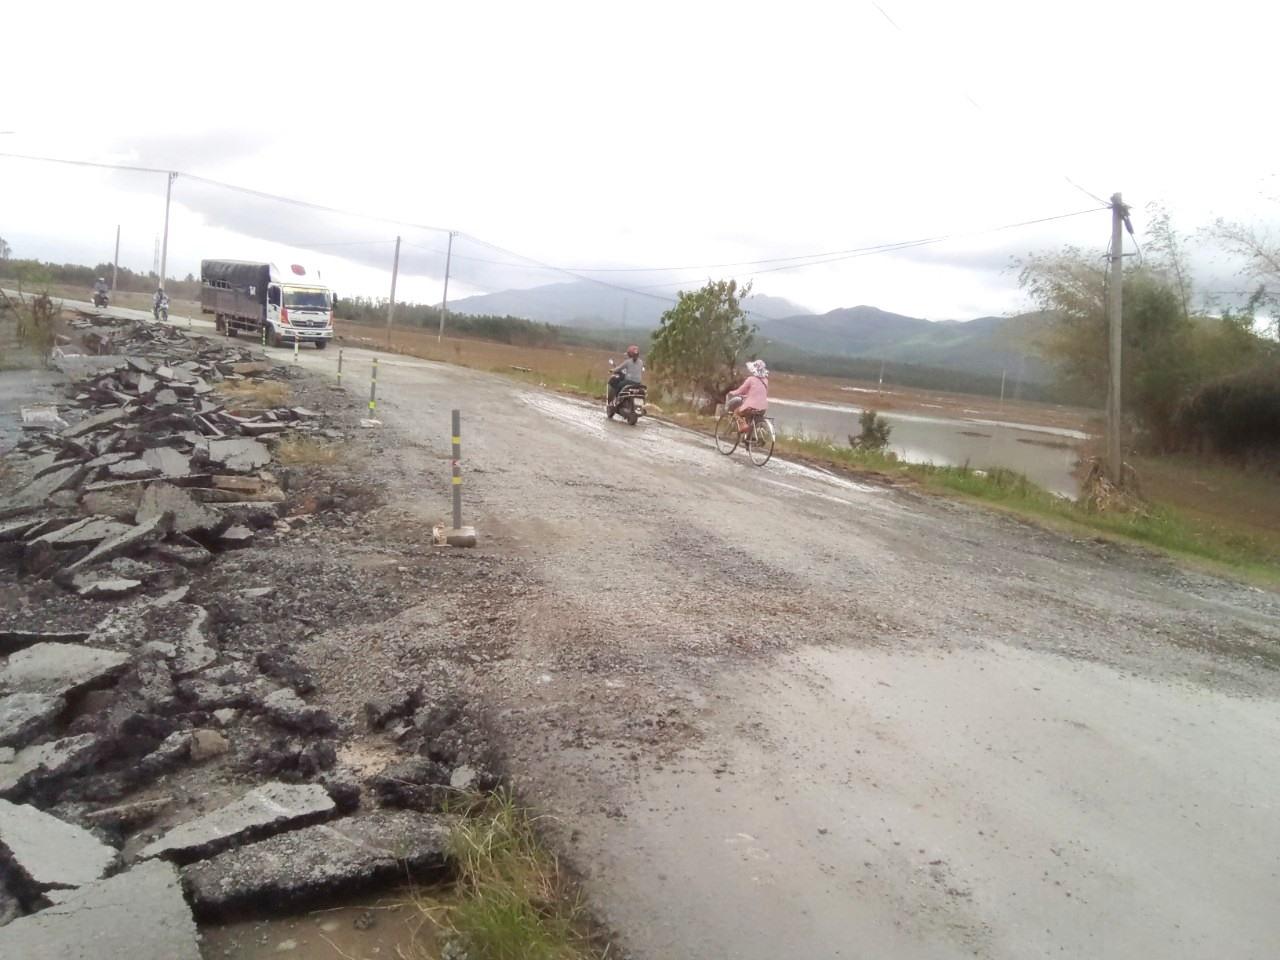 Hư hỏng nền, mặt đường dẫn phía tây cầu Ngọc (xã Đại Hiệp, Đại Lộc) đã được sửa chữa tạm thời để đảm bảo lưu thông trên tuyến ĐT609B. Ảnh: CT